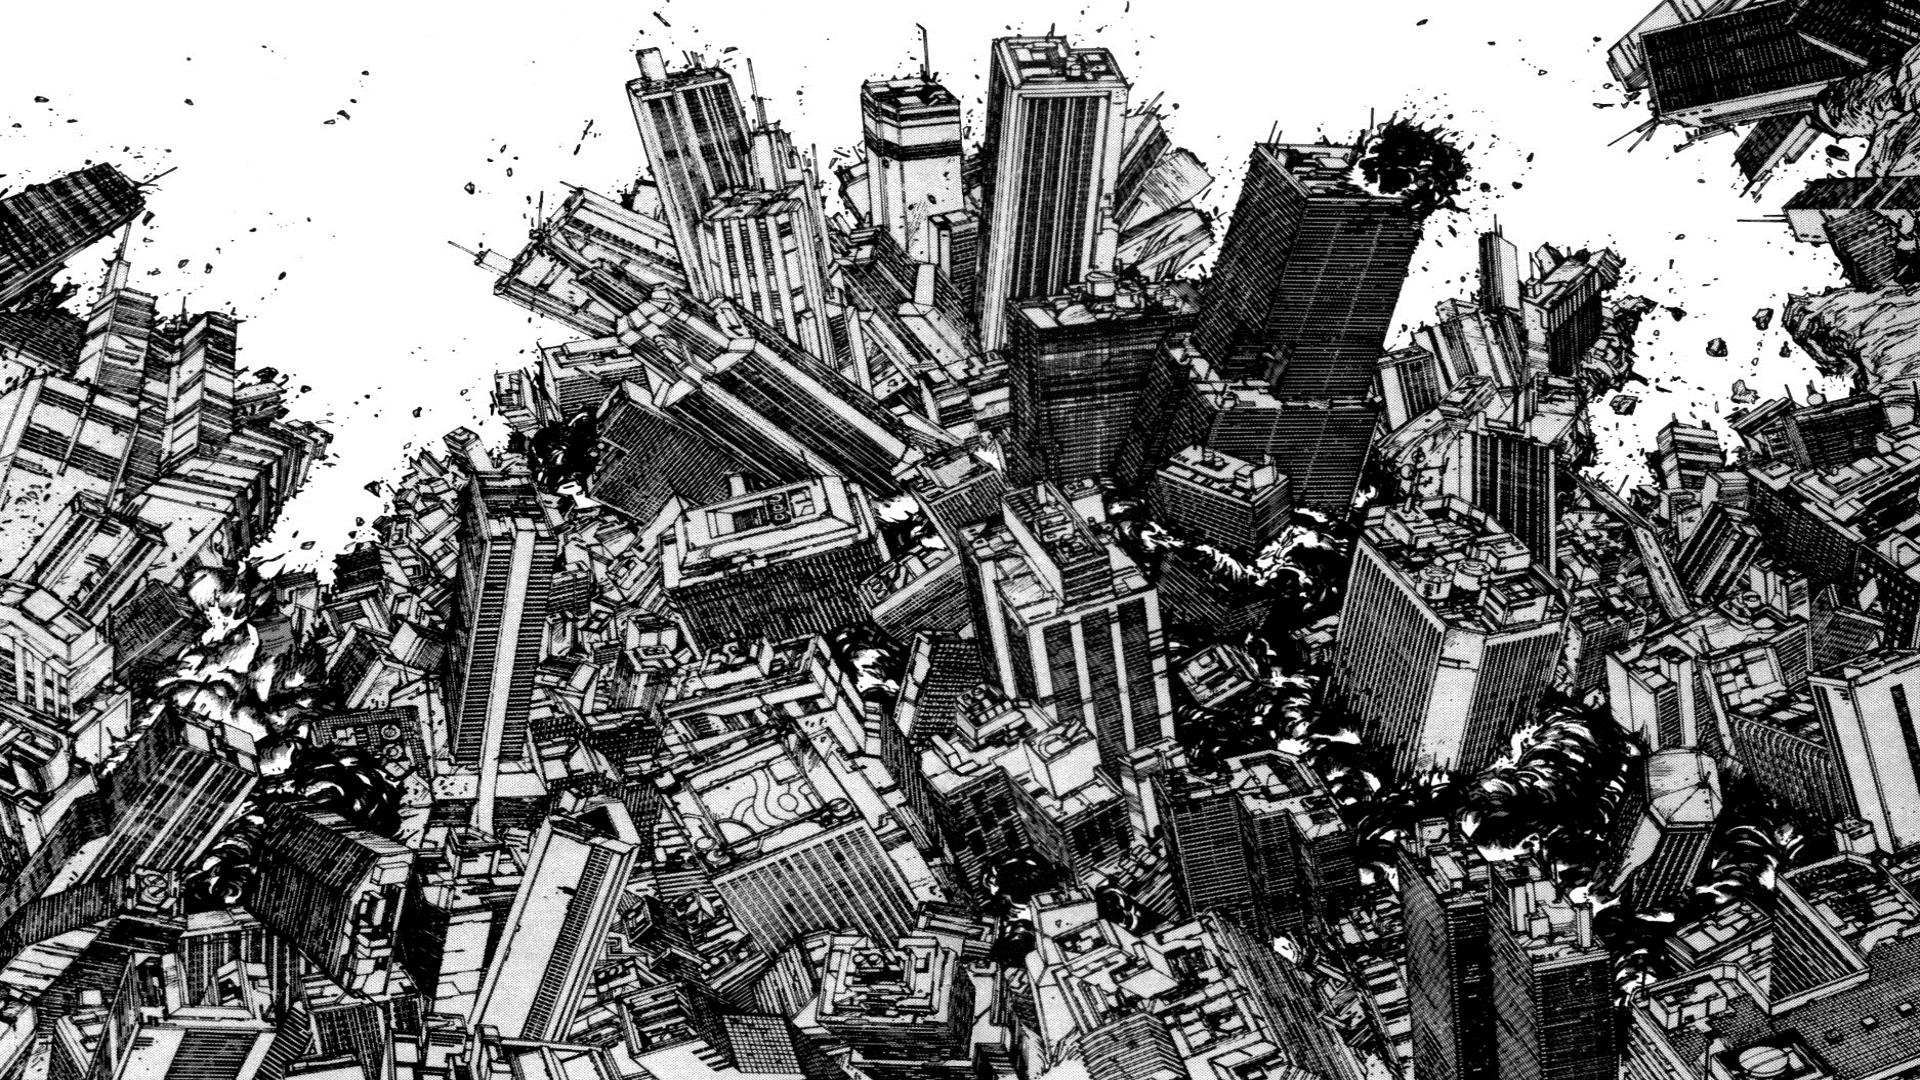 Akira Manga Wallpapers Top Free Akira Manga Backgrounds Wallpaperaccess